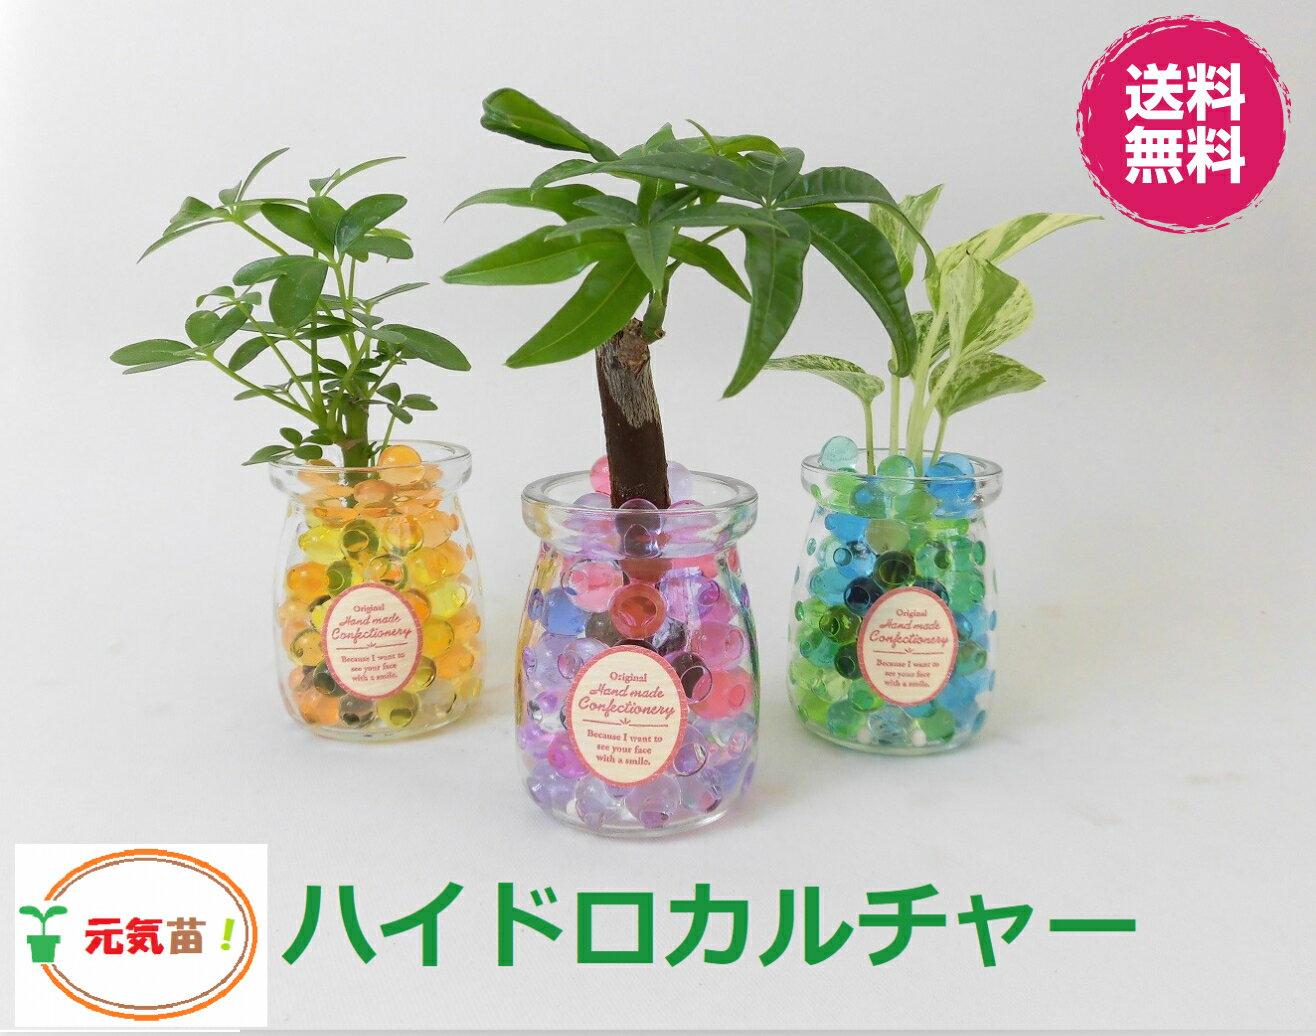 農園直送!◆ミニ観葉植物◆ハイドロカルチャー♪クリスタルゼリーマーブル3個setすのこ付き!選べる植物&ゼリーカラー